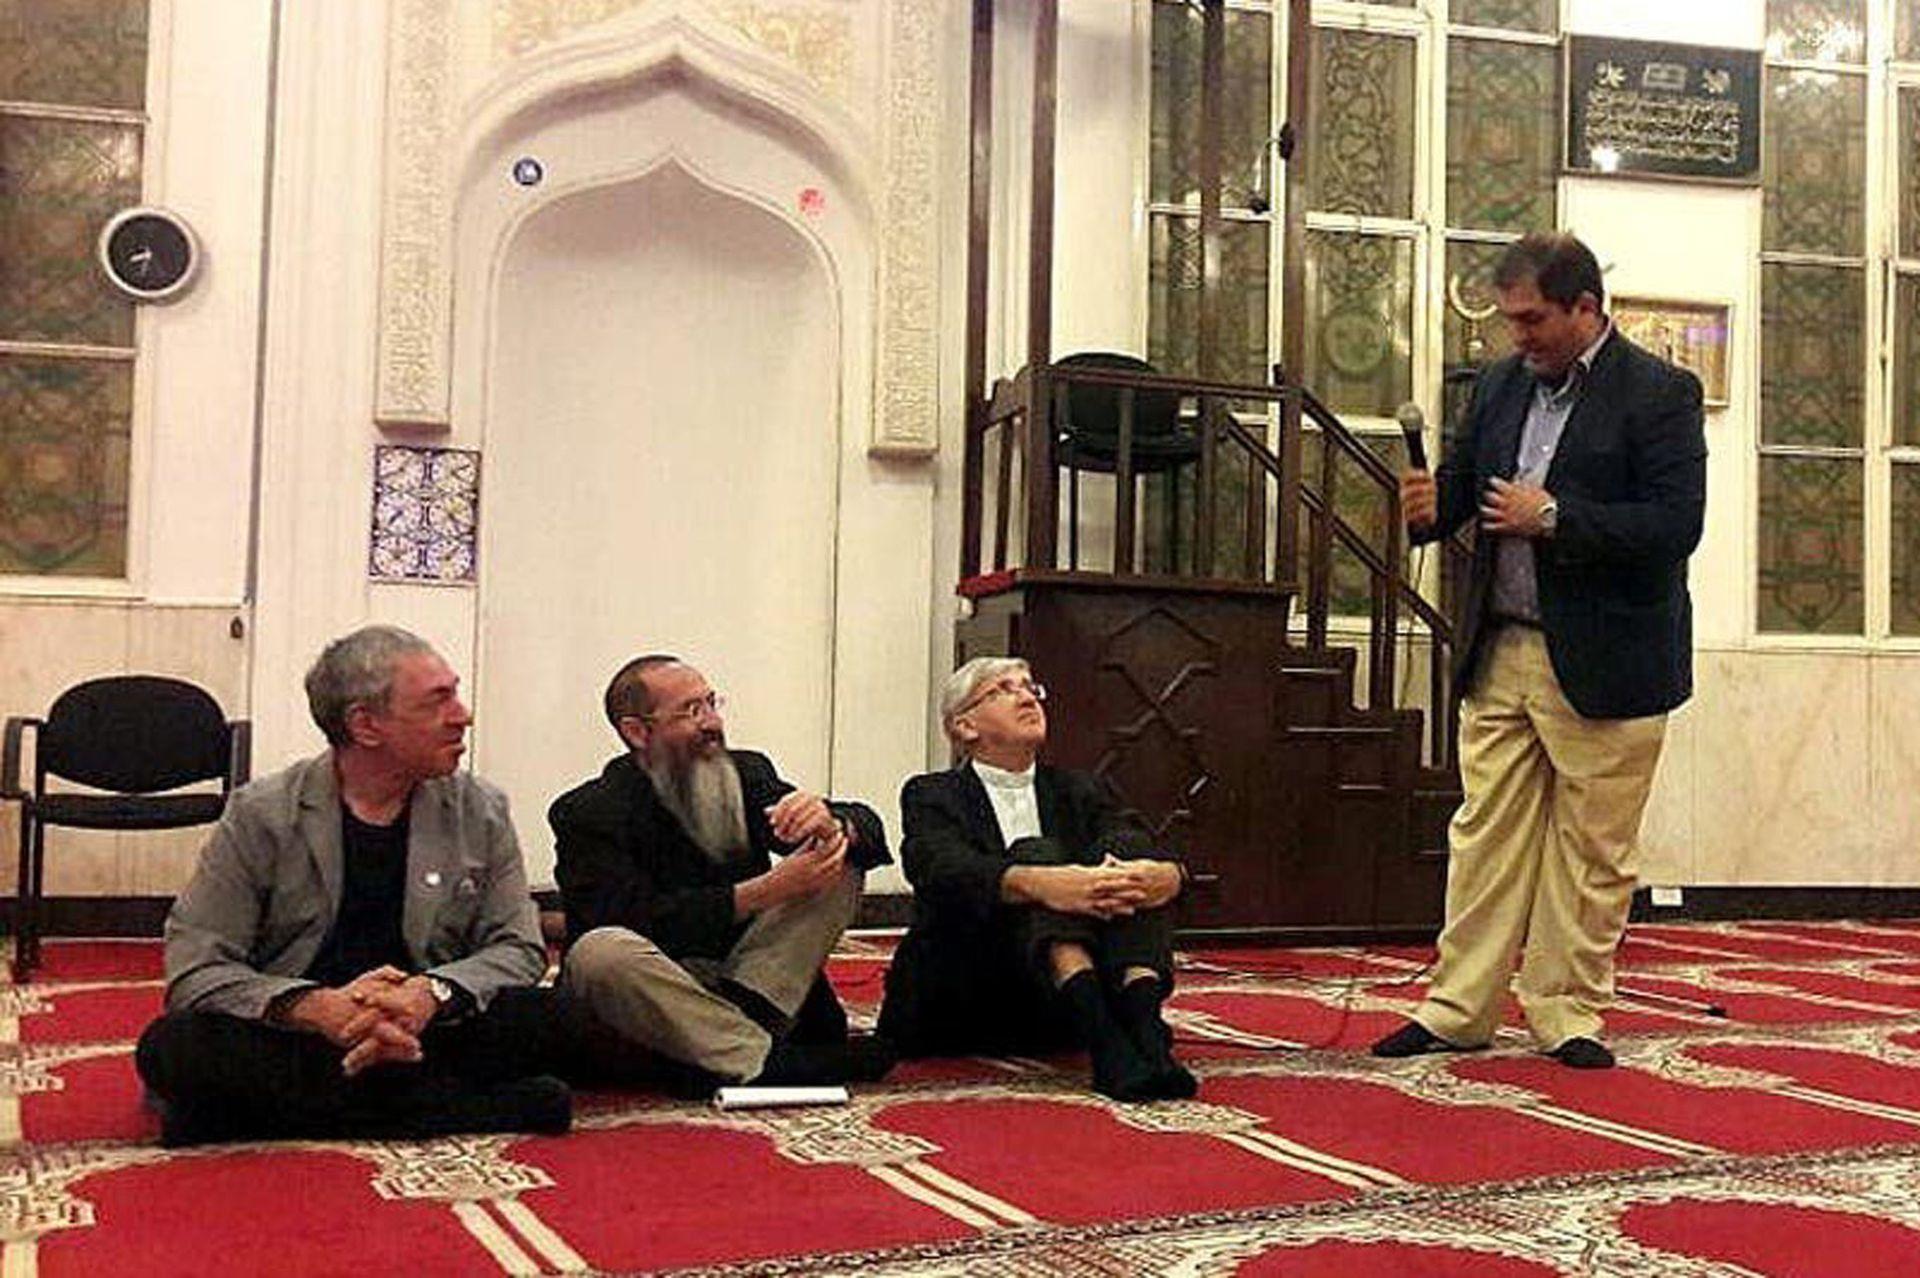 Diálogo interreligioso entre judíos, musulmanes y católicos en Buenos Aires, en 2016